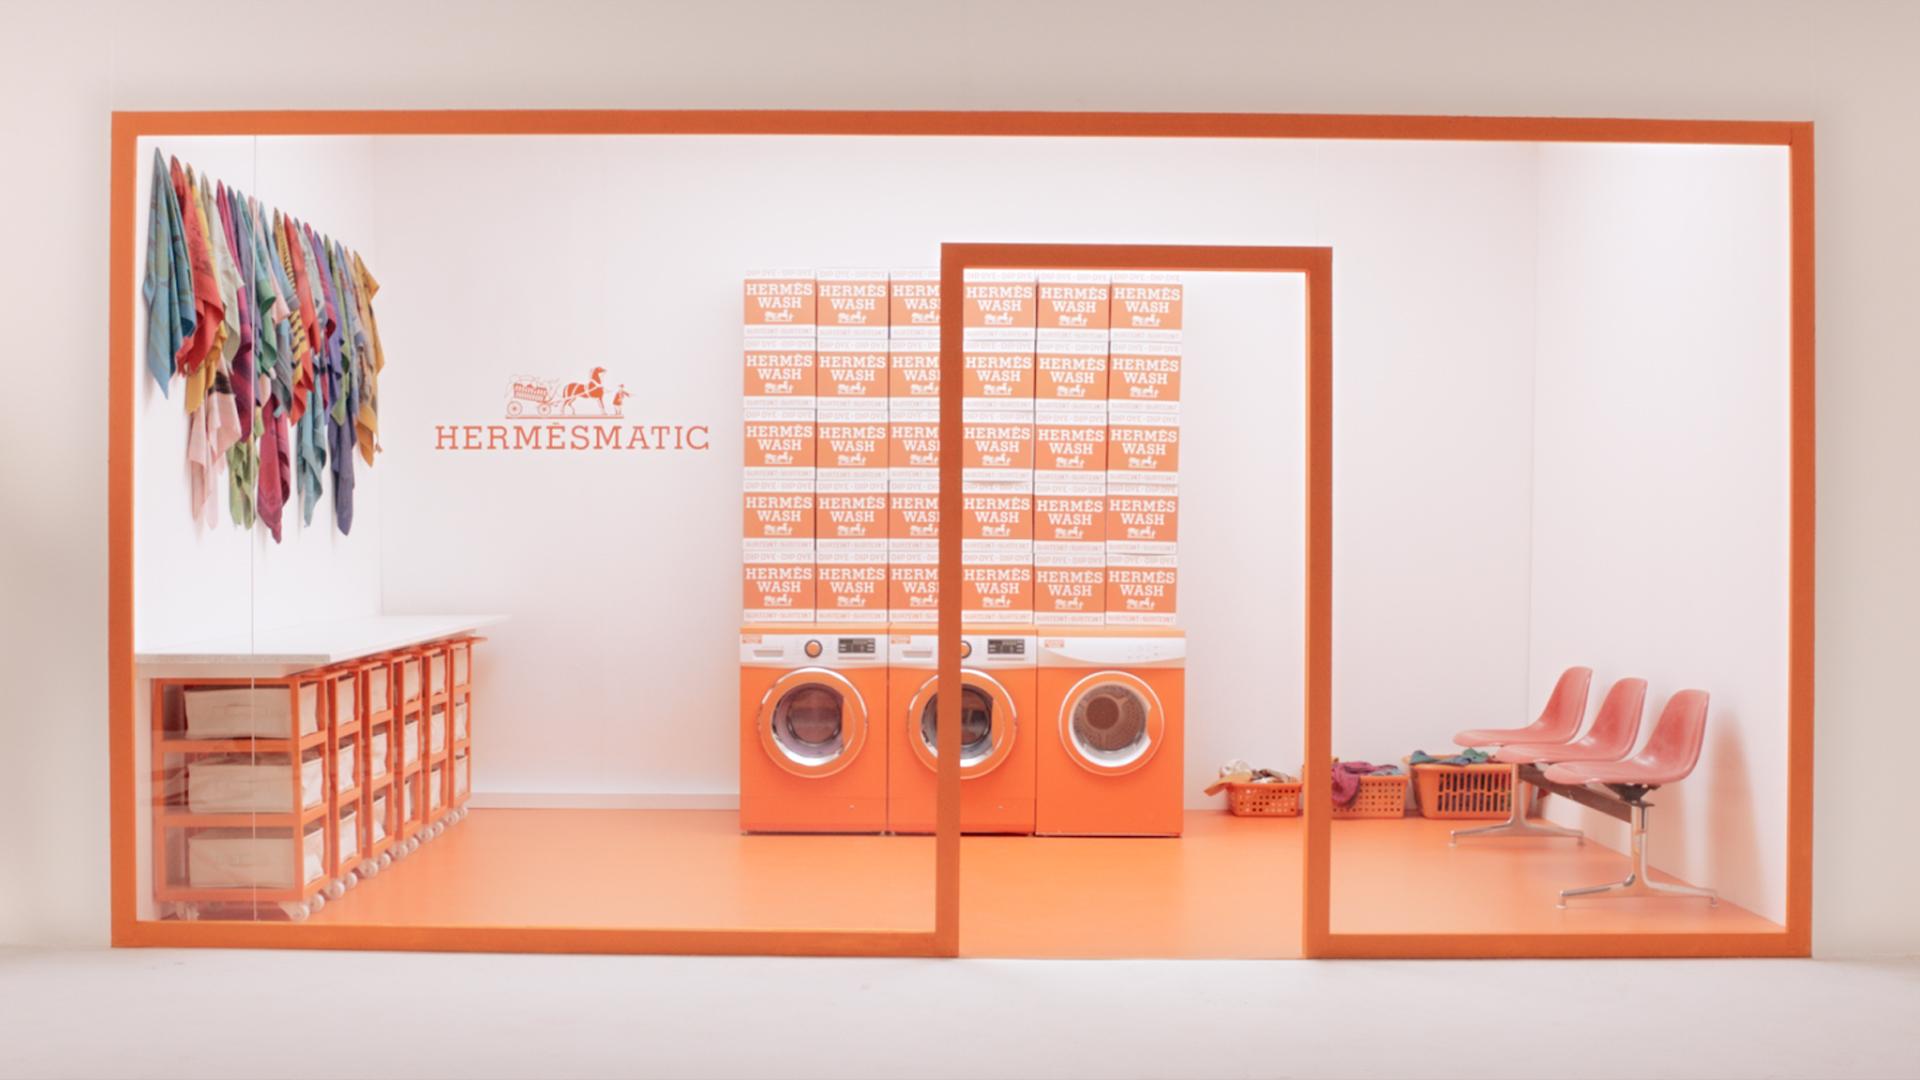 Hermès laundrette service